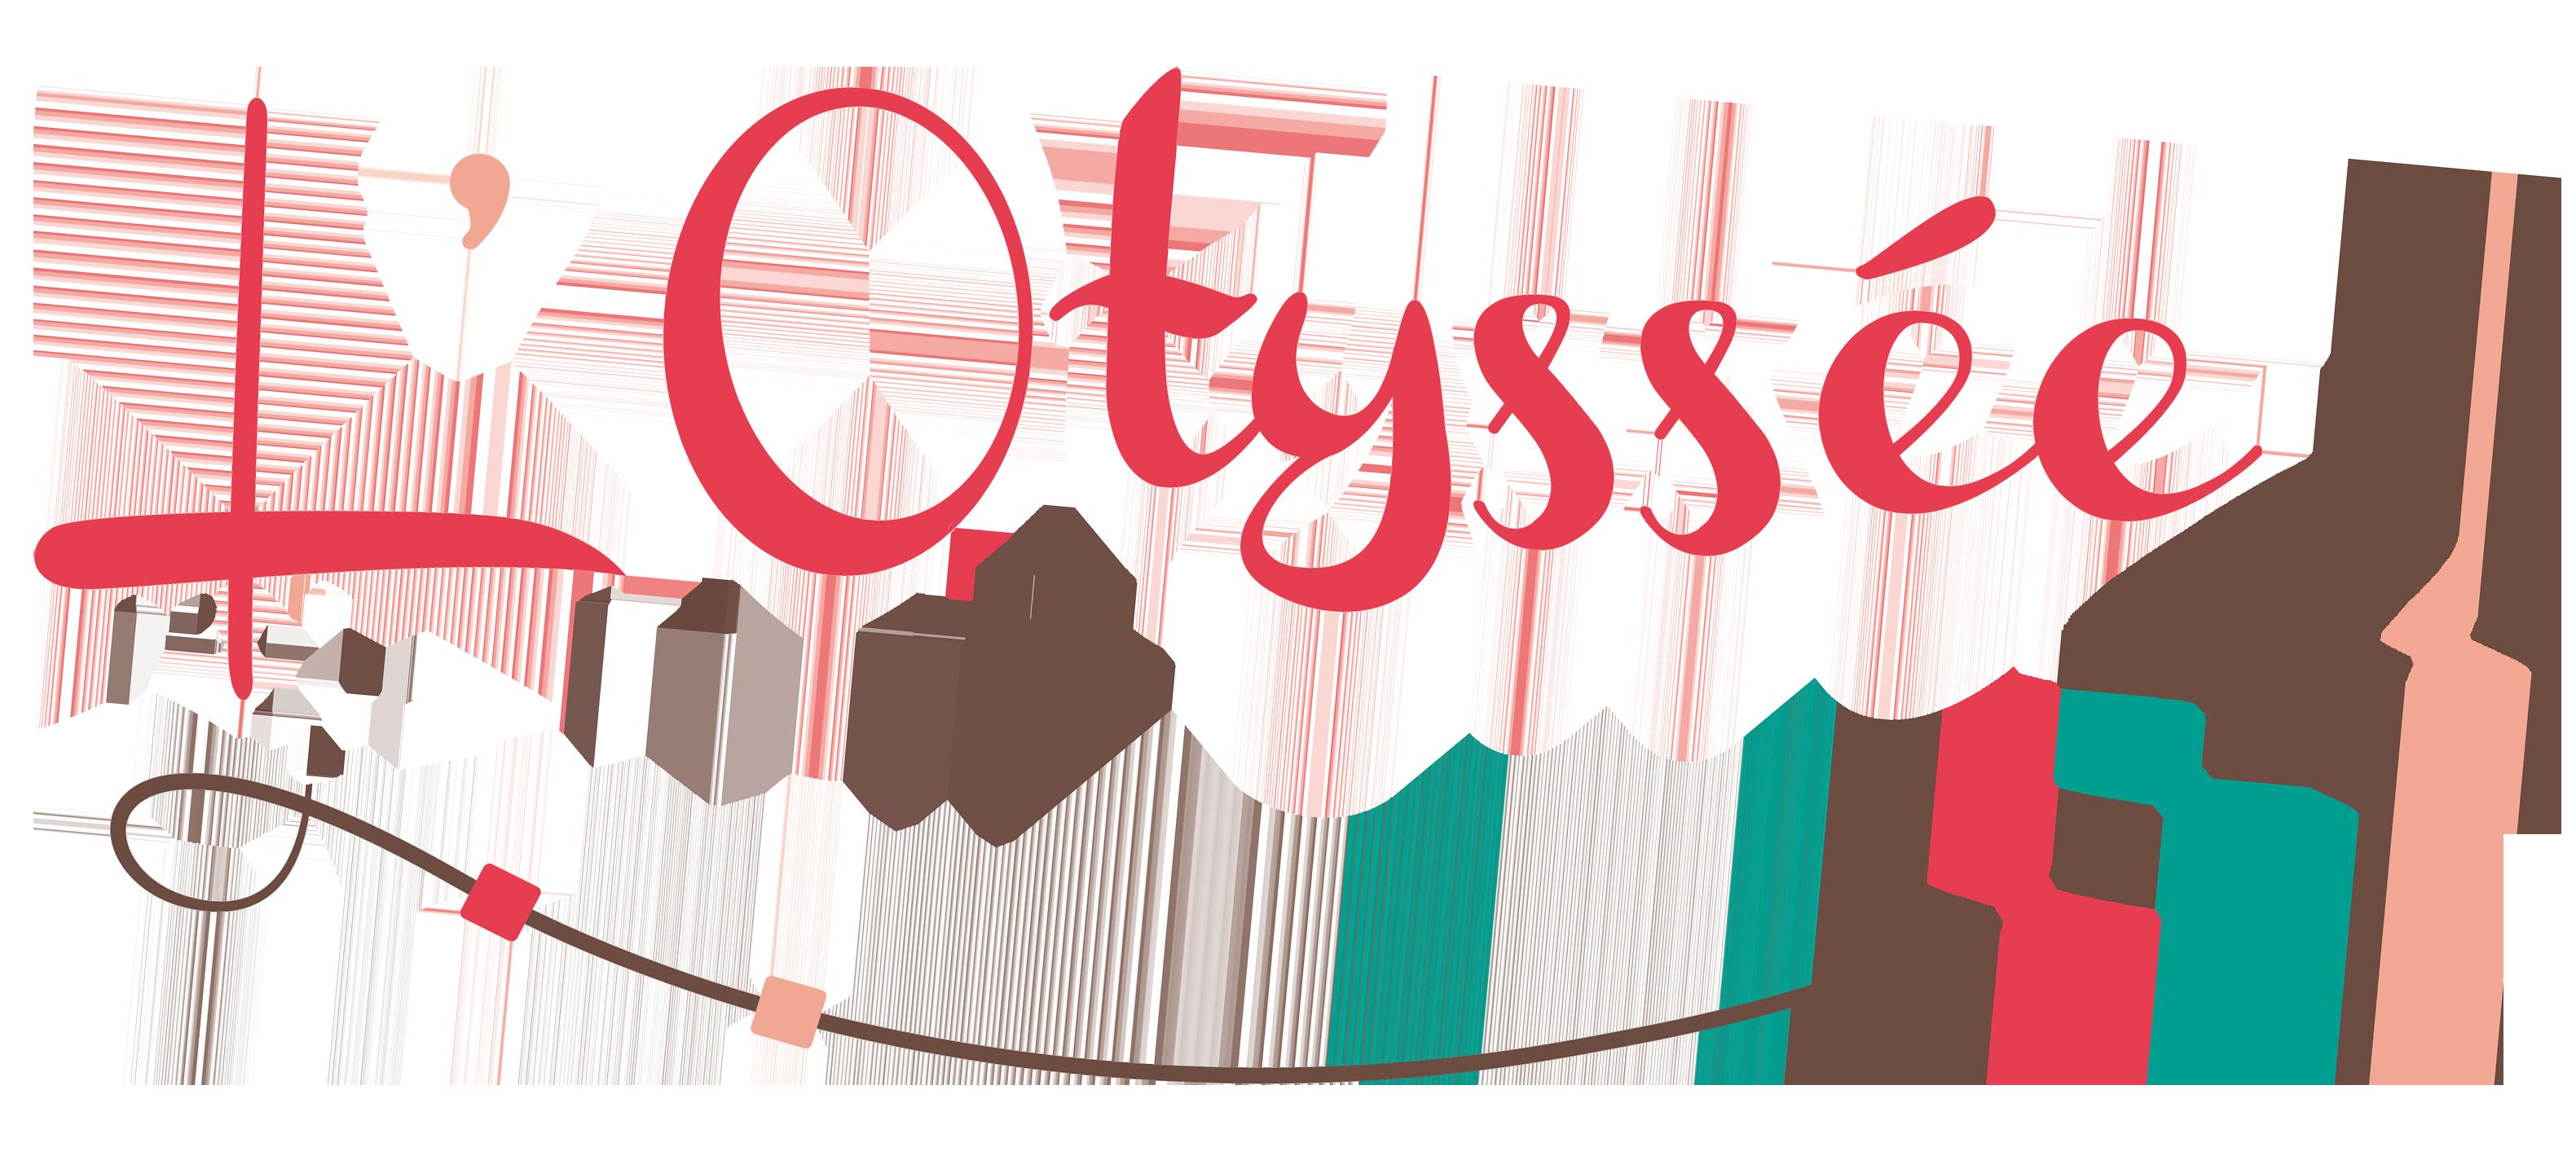 L'Otyssée